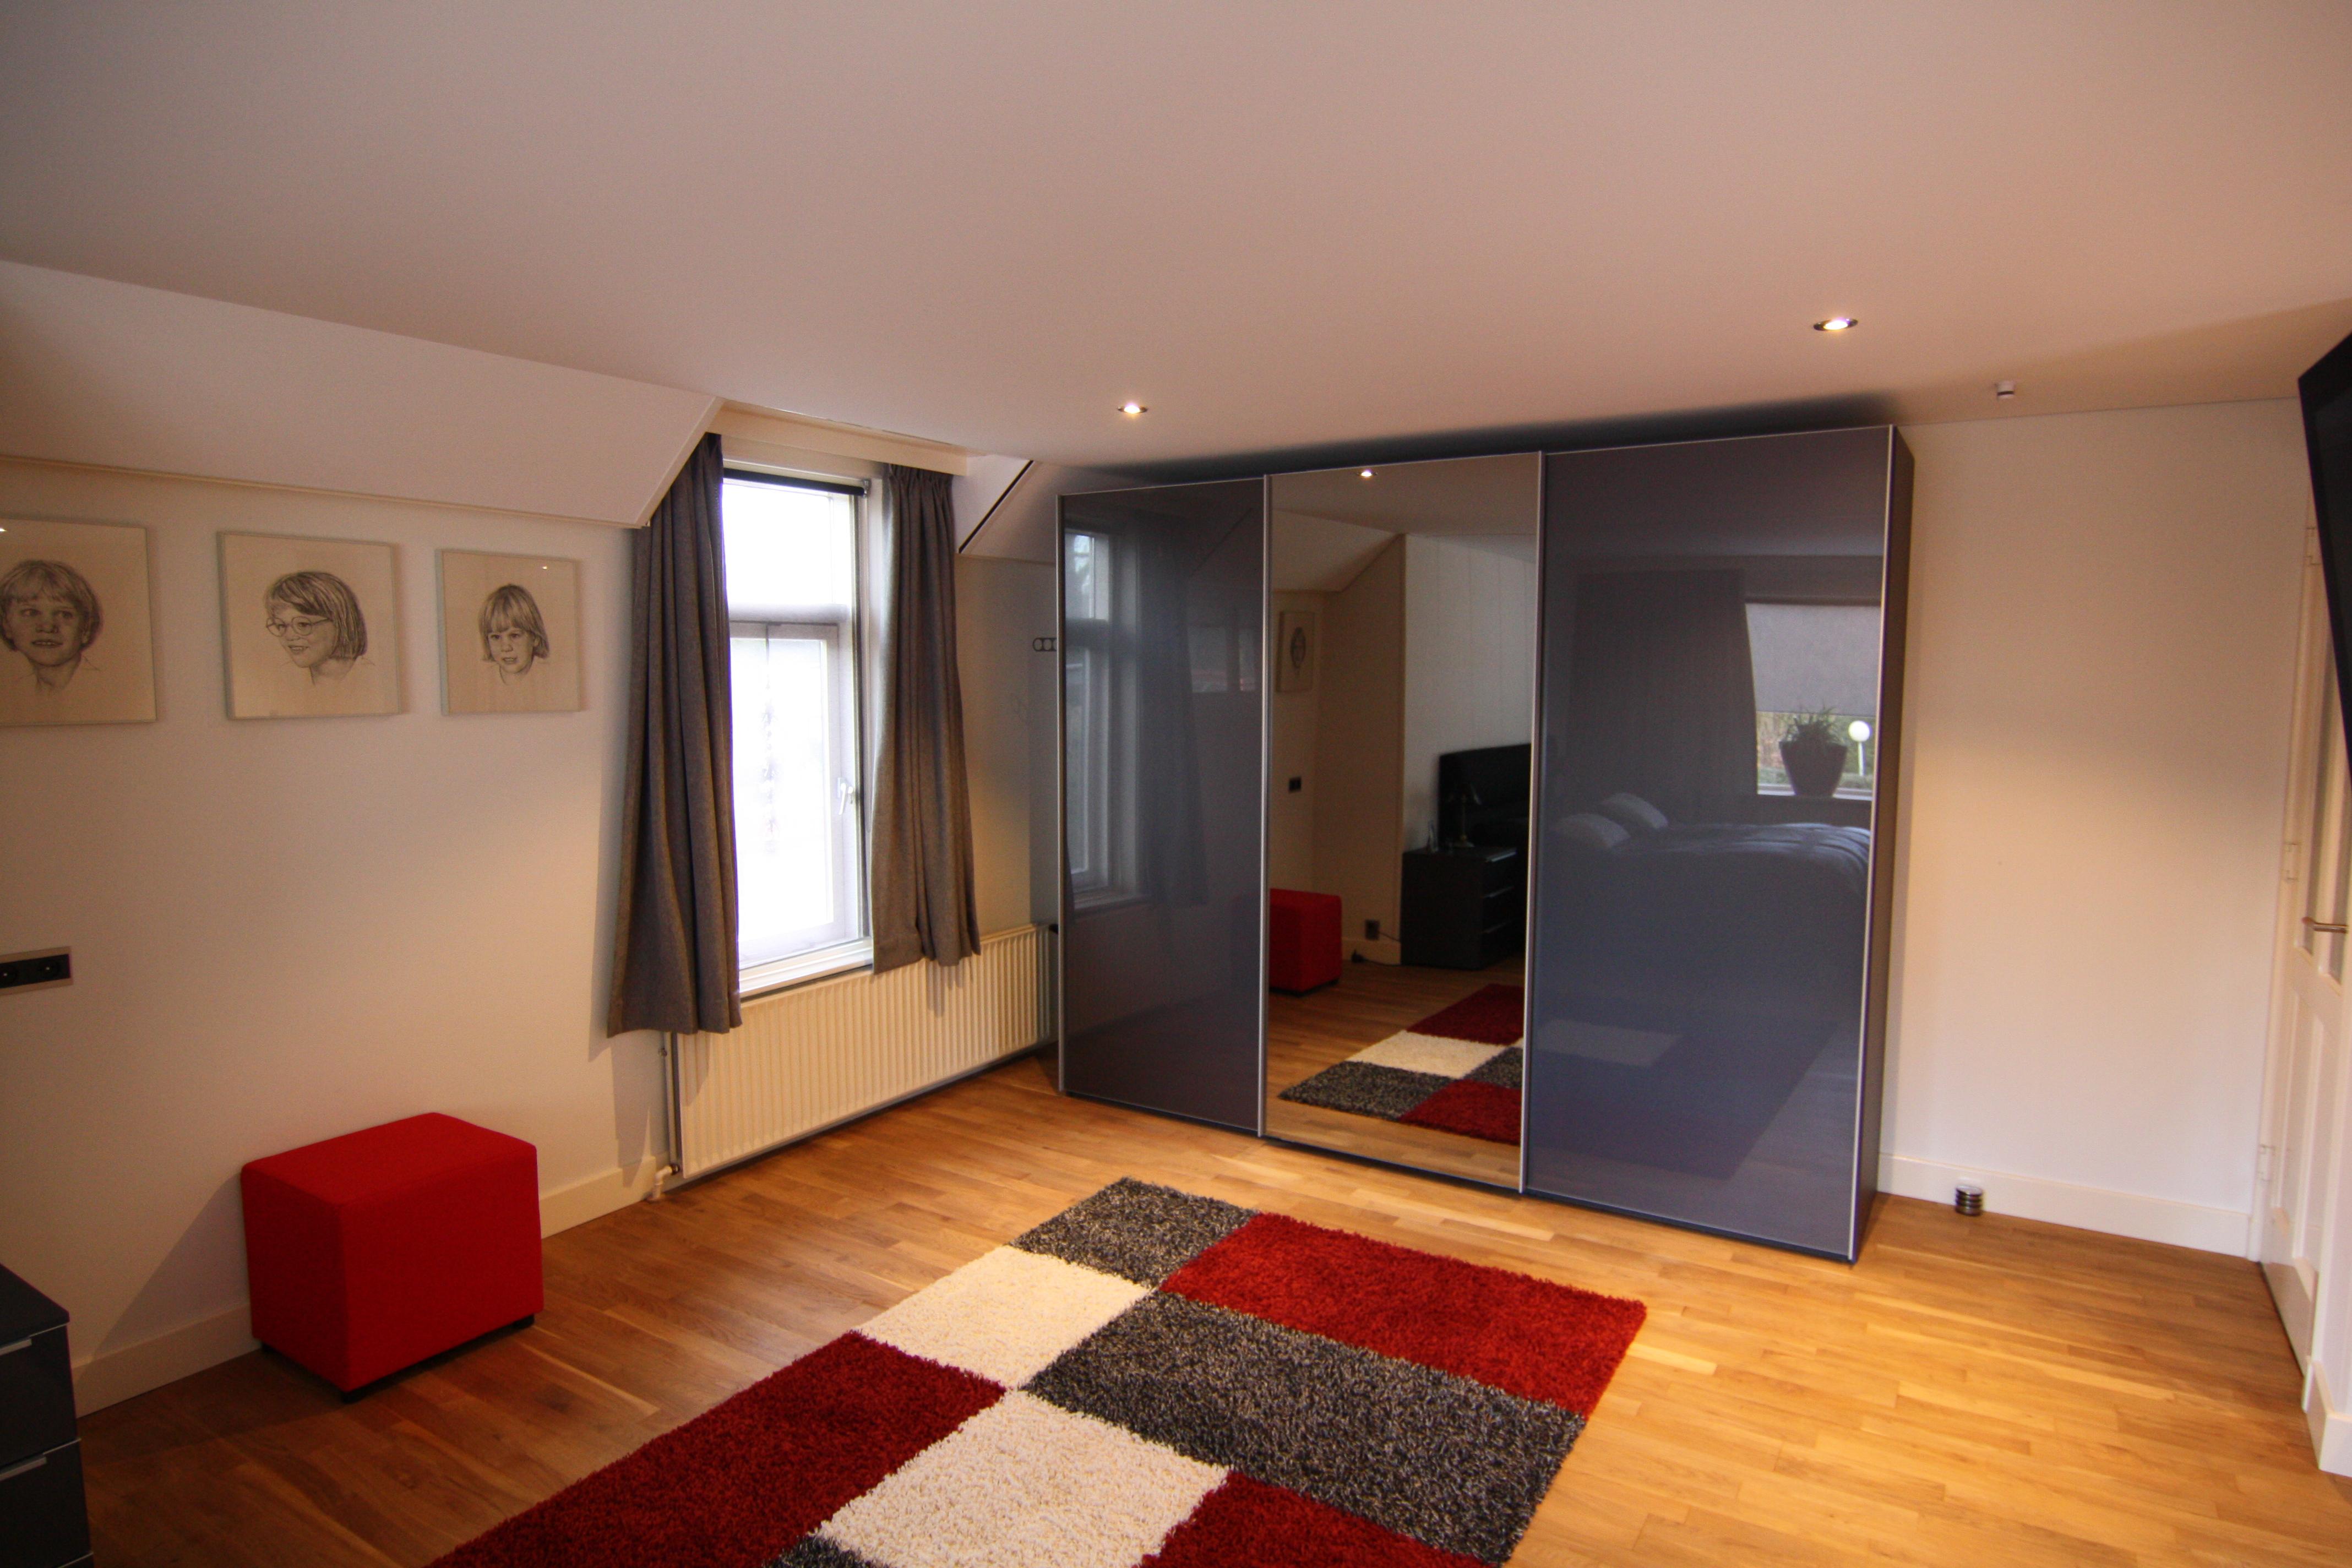 Nieuw slaapkamer plafond Soest - Plameco Engelen